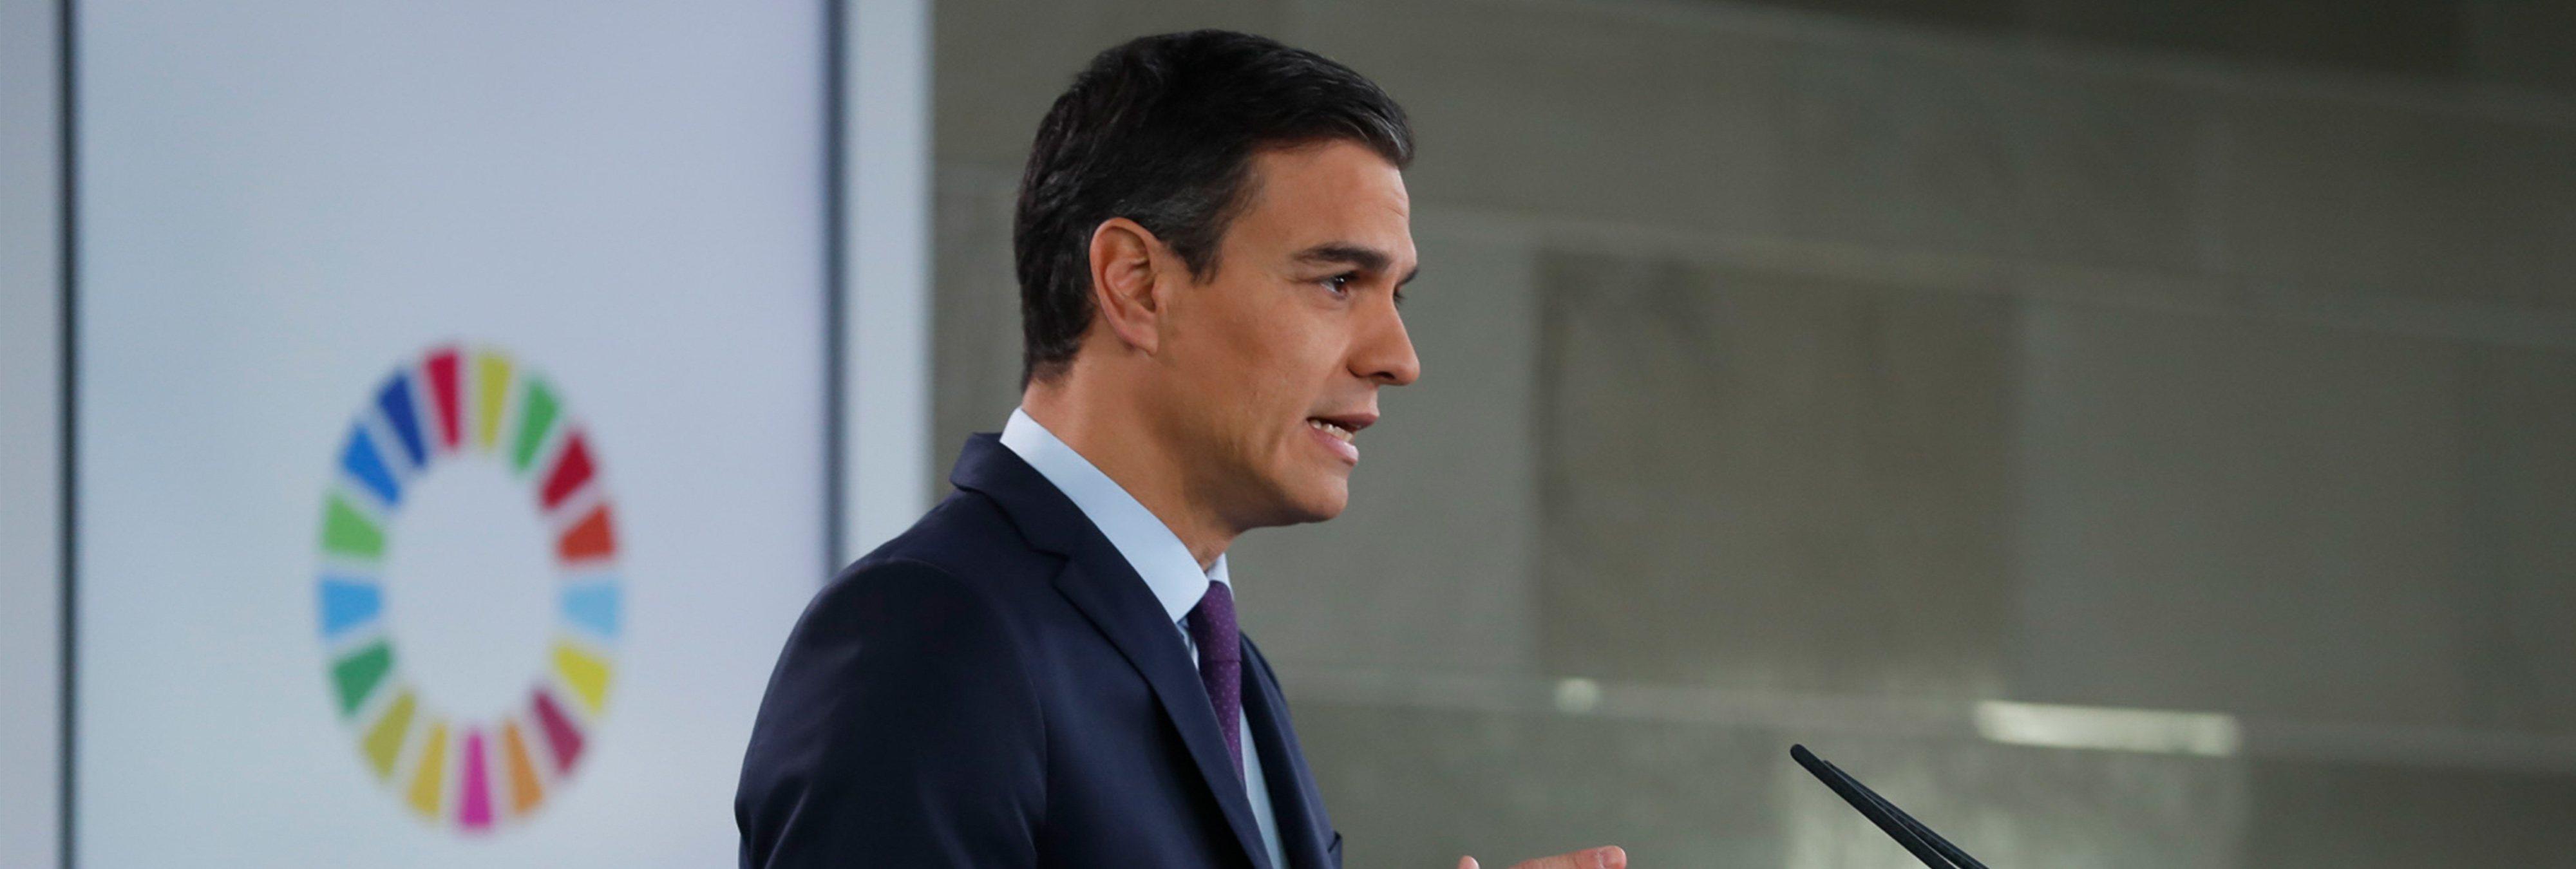 El Gobierno mantiene en secreto cuánto cobrará Pedro Sánchez por su libro